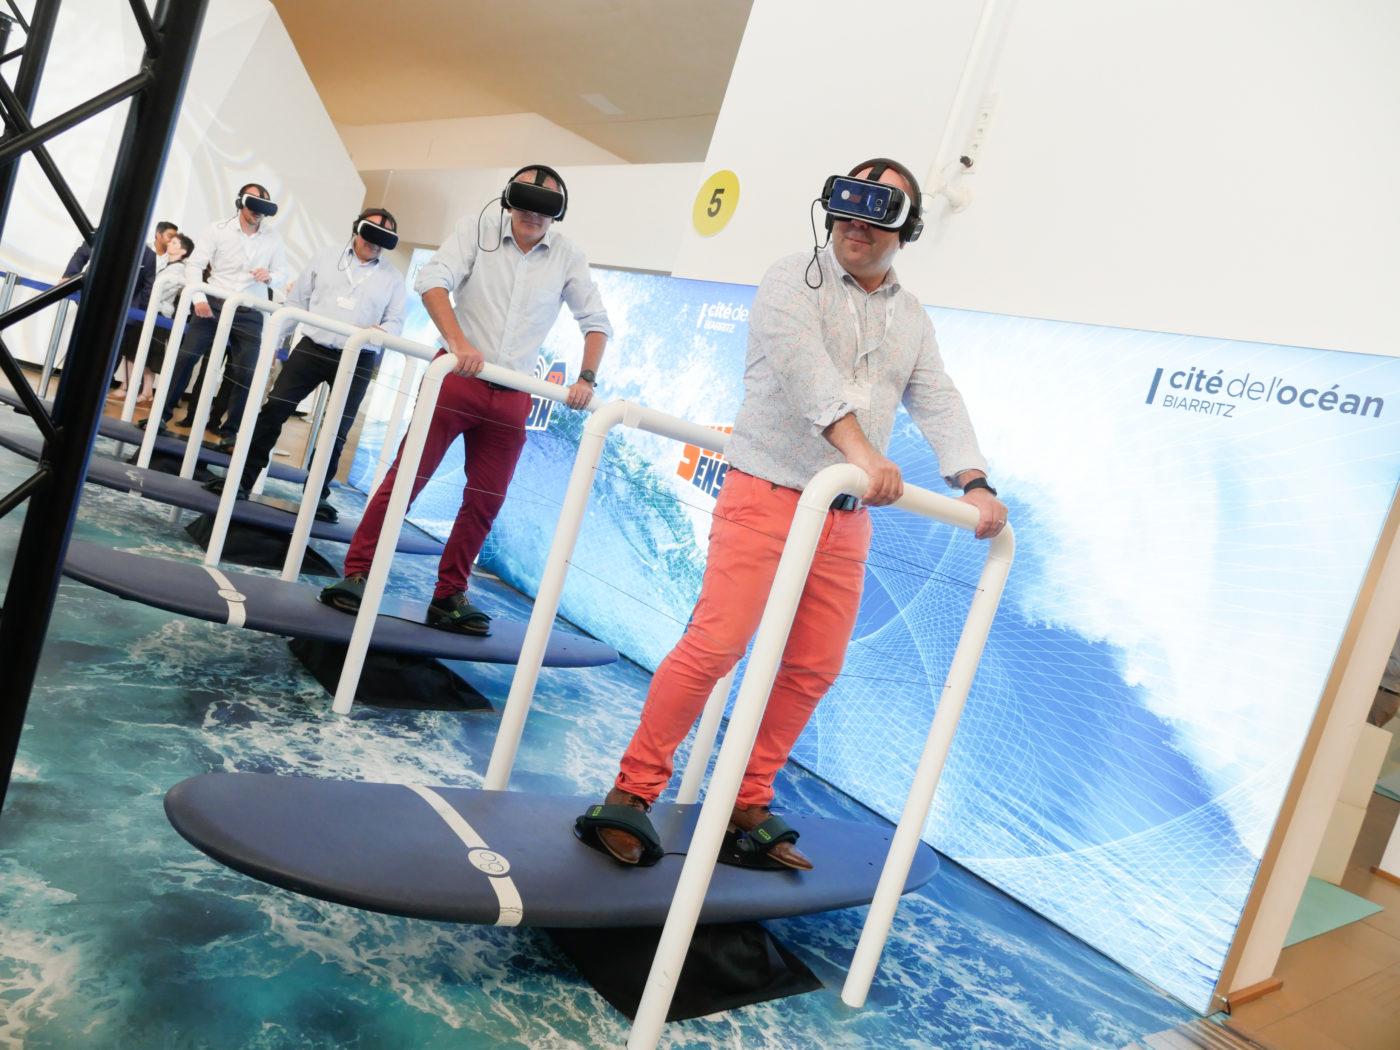 Personnes testant le simulateur de surf à la Cité de l'Océan à Biarrtiz